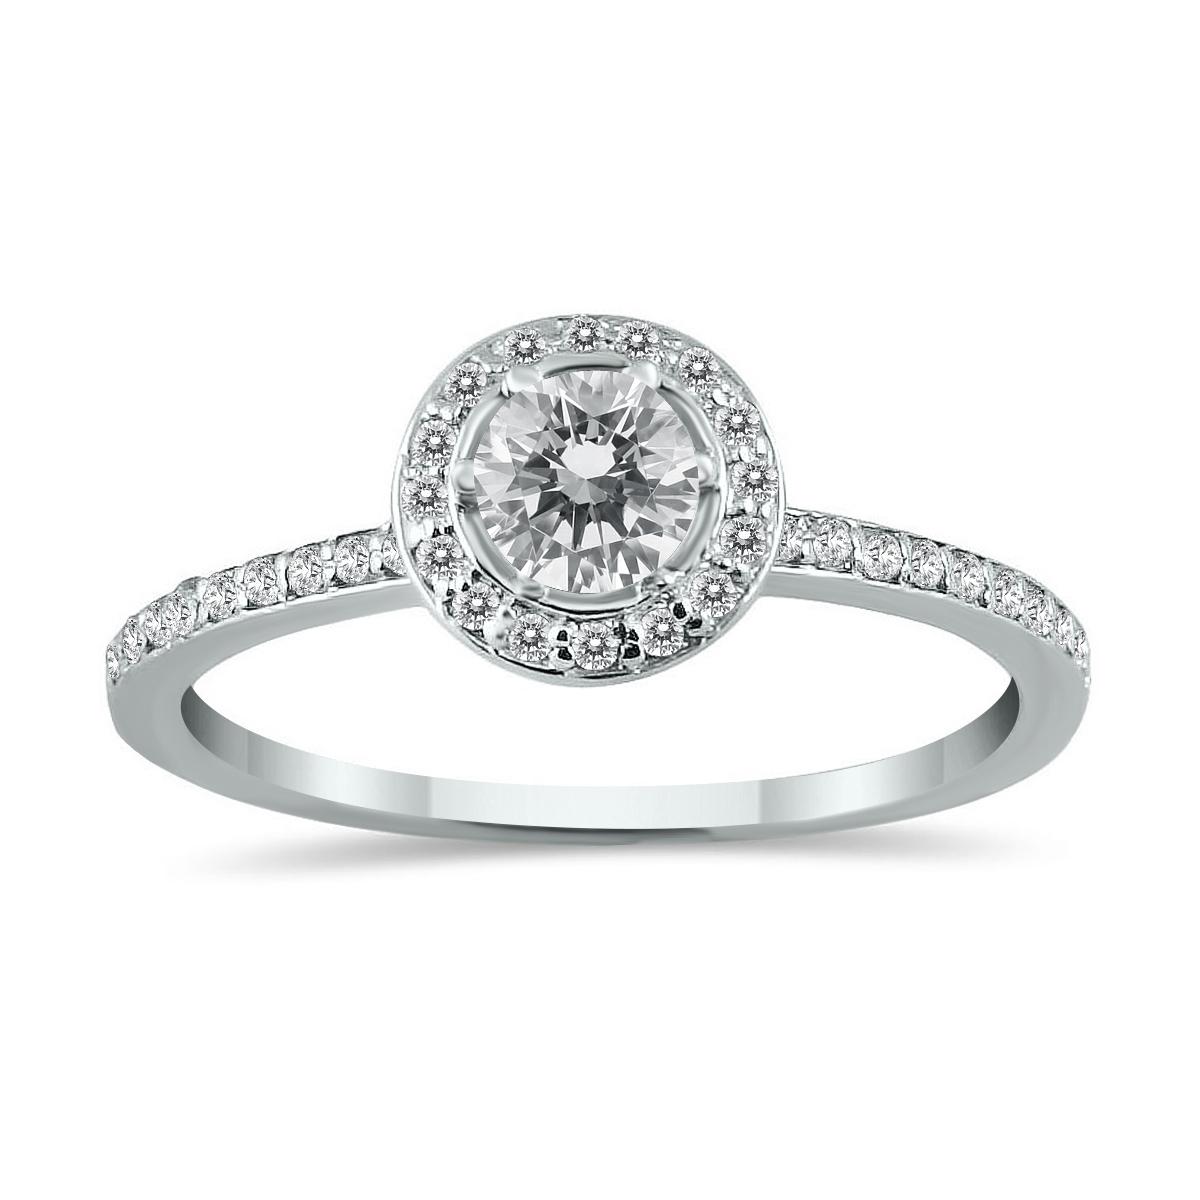 1/2 Carat TW Diamond Halo Ring in 14K White Gold